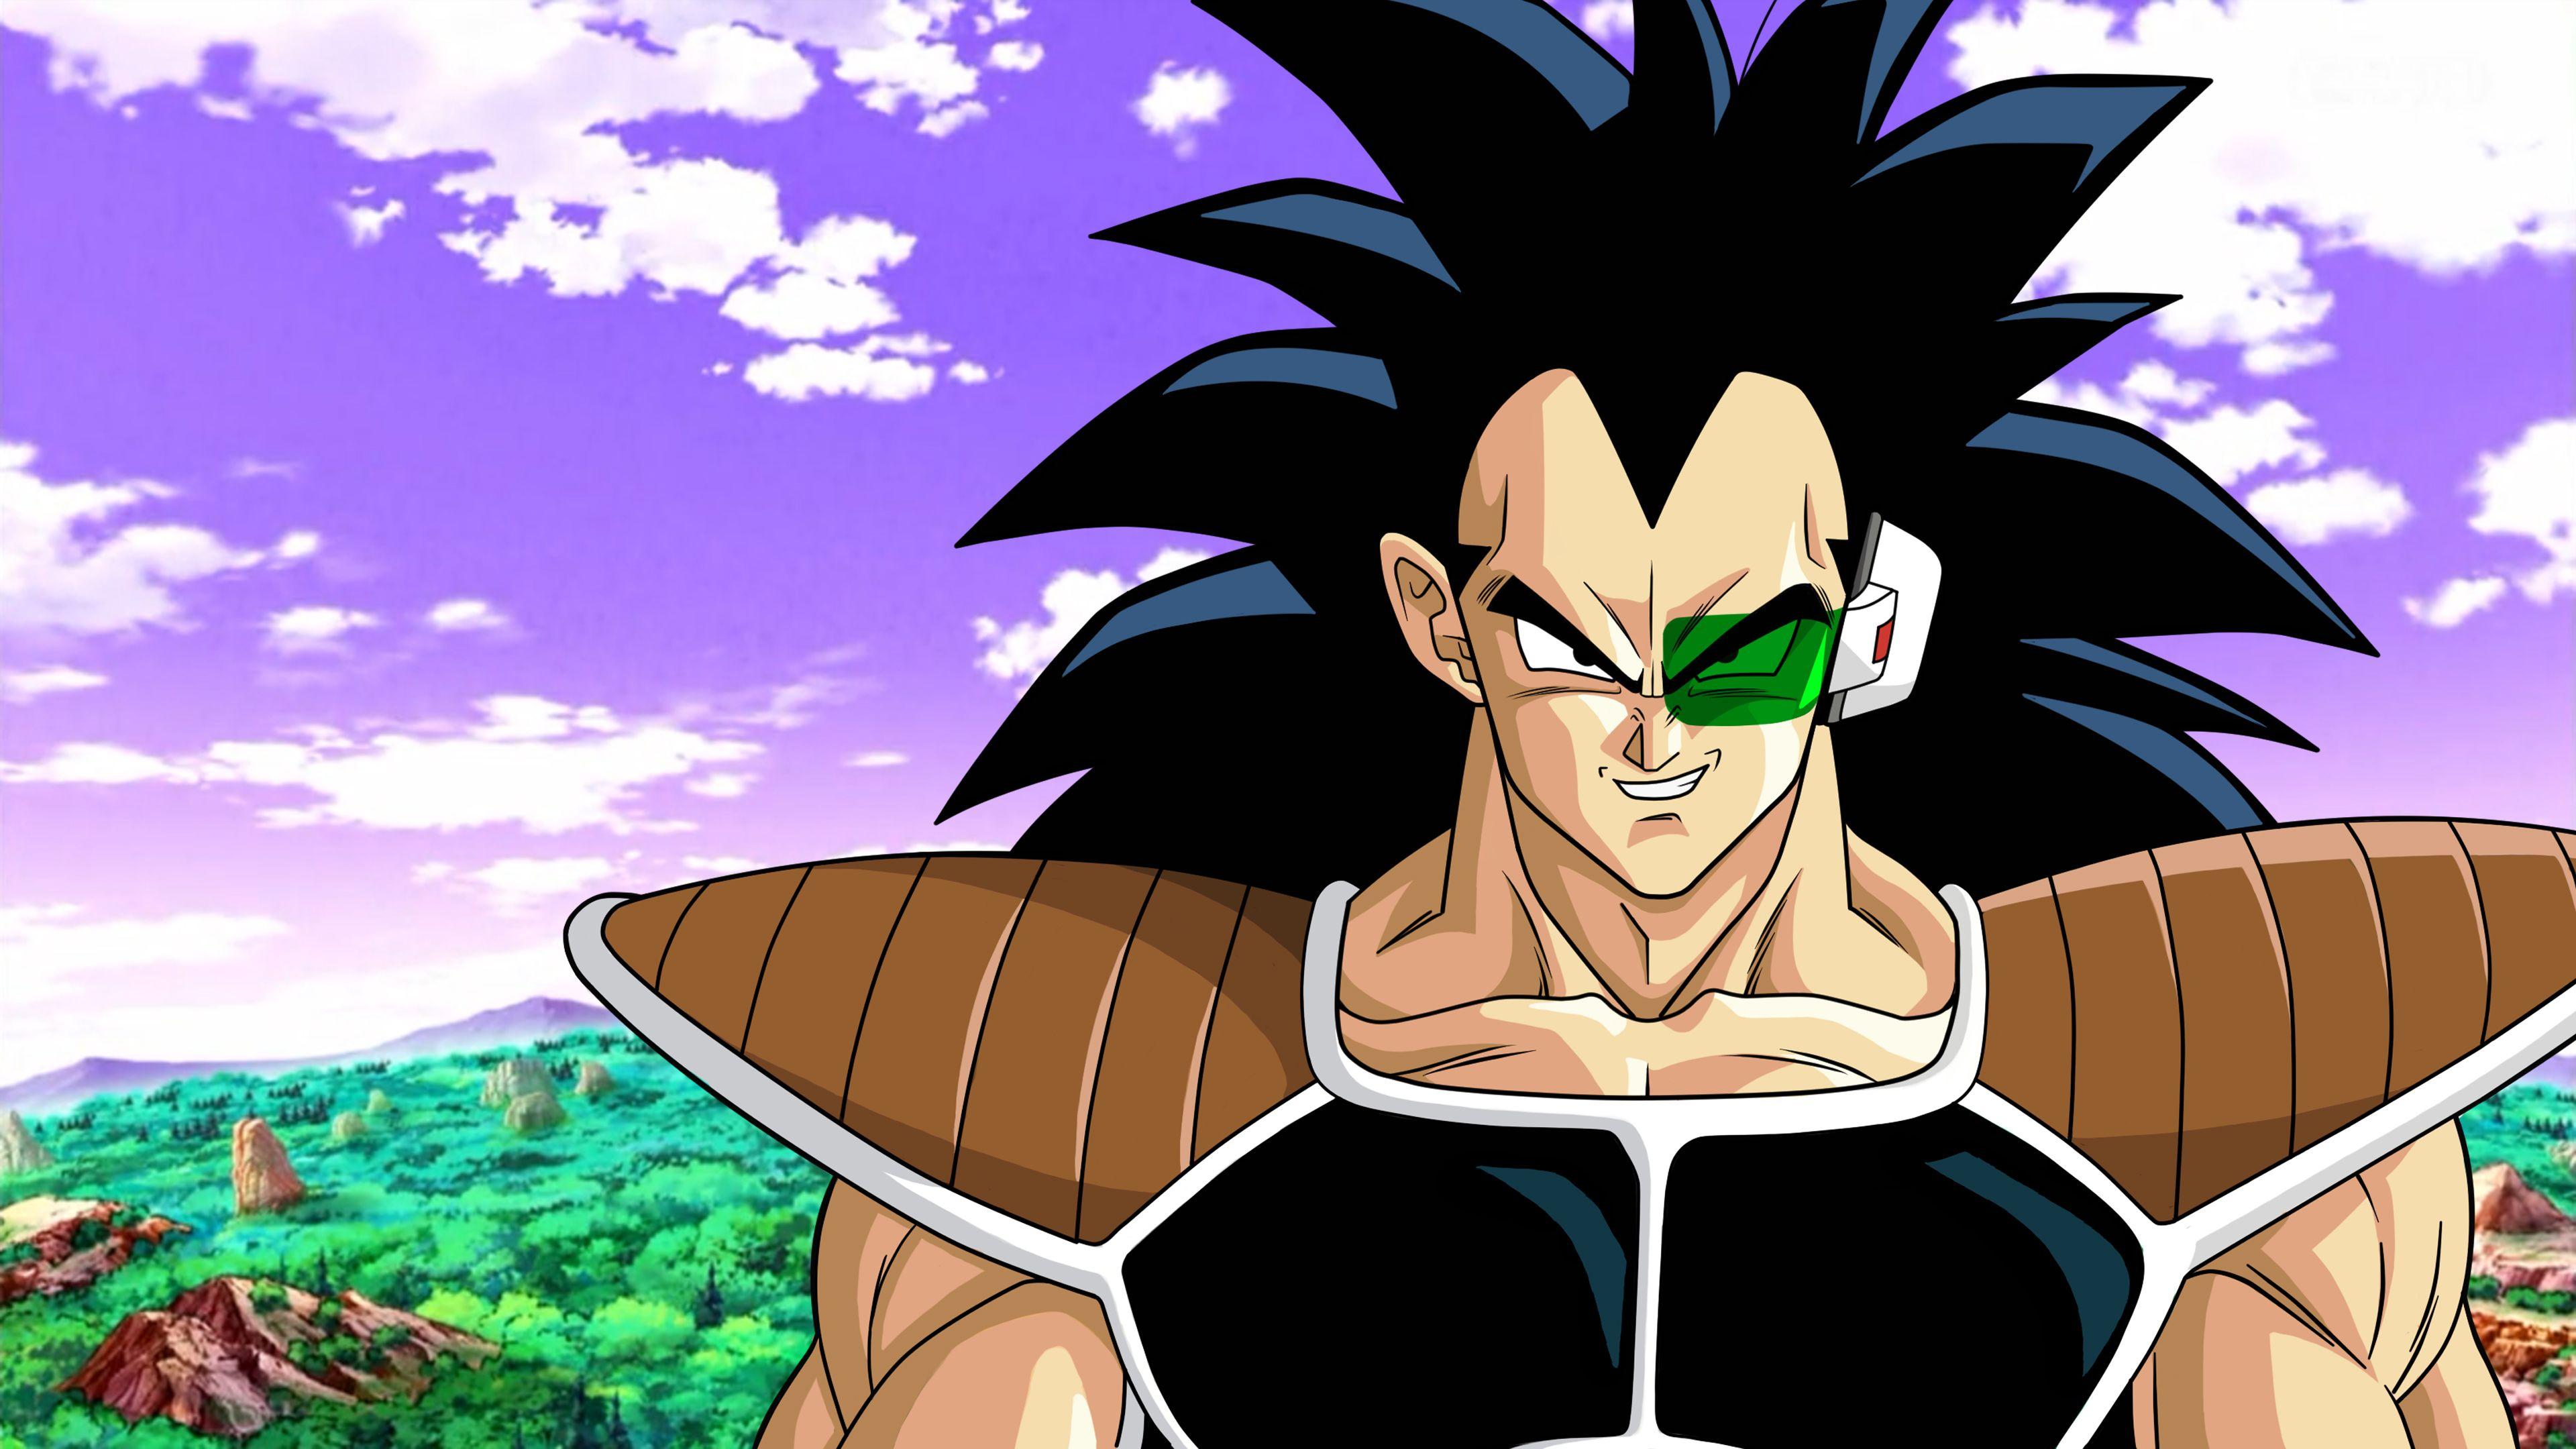 Raditz Guerreiro Saiyajin E Irmao De Goku Dragon Ball Z Dragon Ball Super Dragon Ball